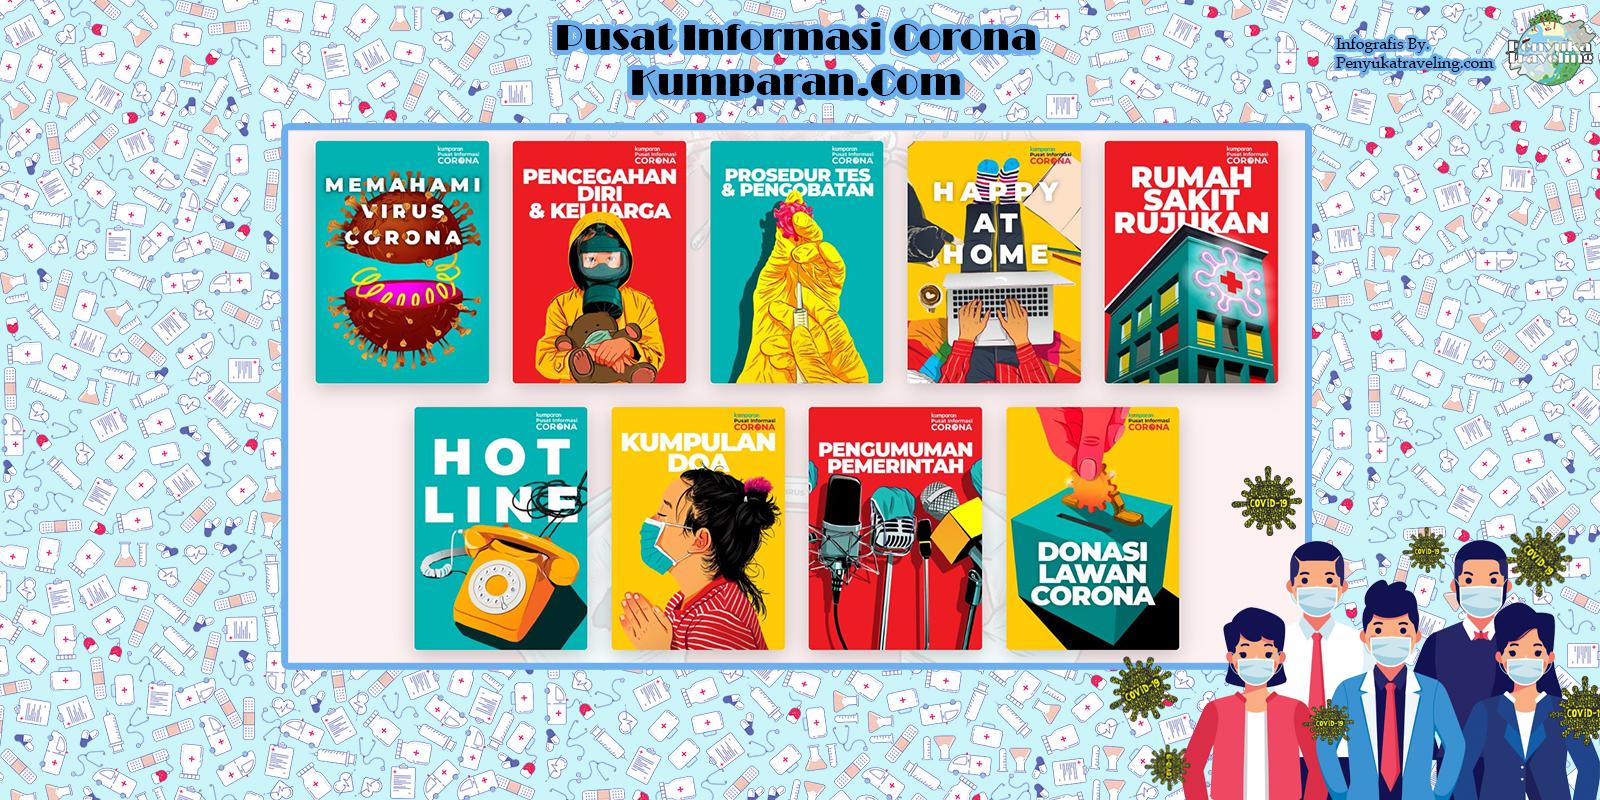 Pusat Informasi Corona Milik Kumparan